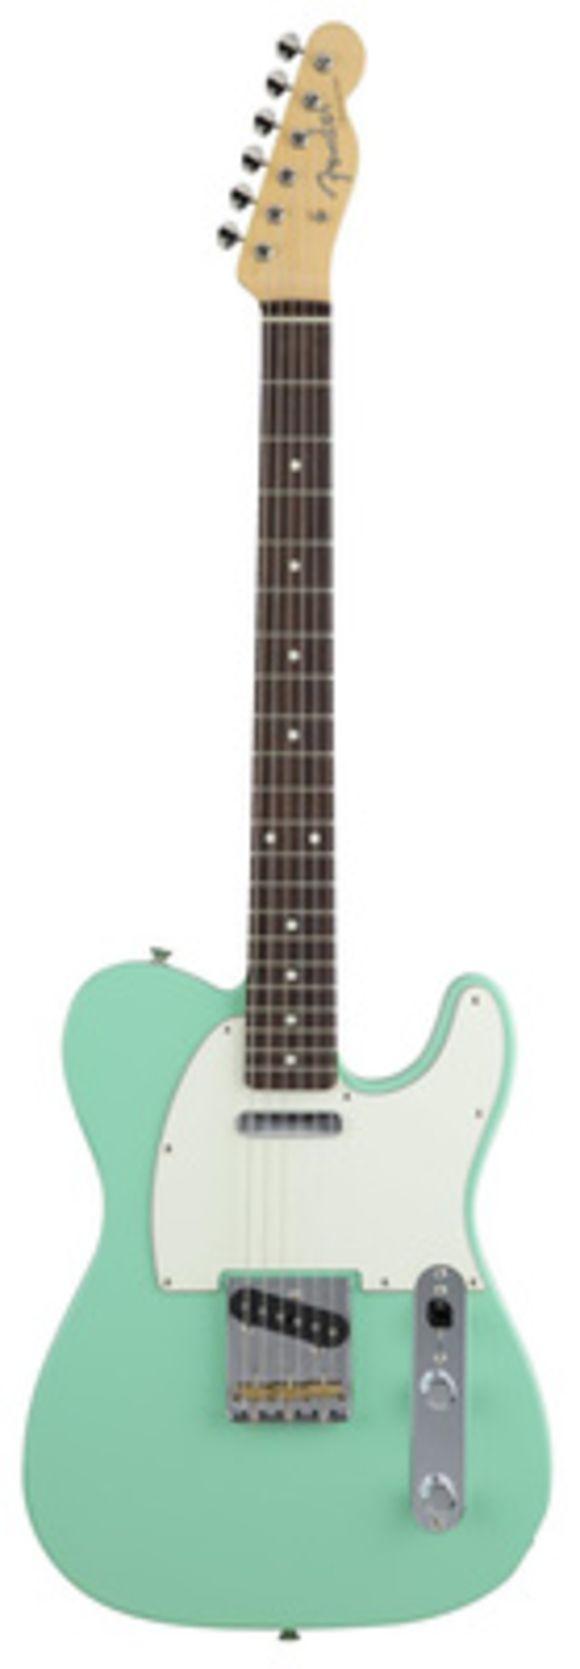 Hybrid 60s Tele Surf Green Fender